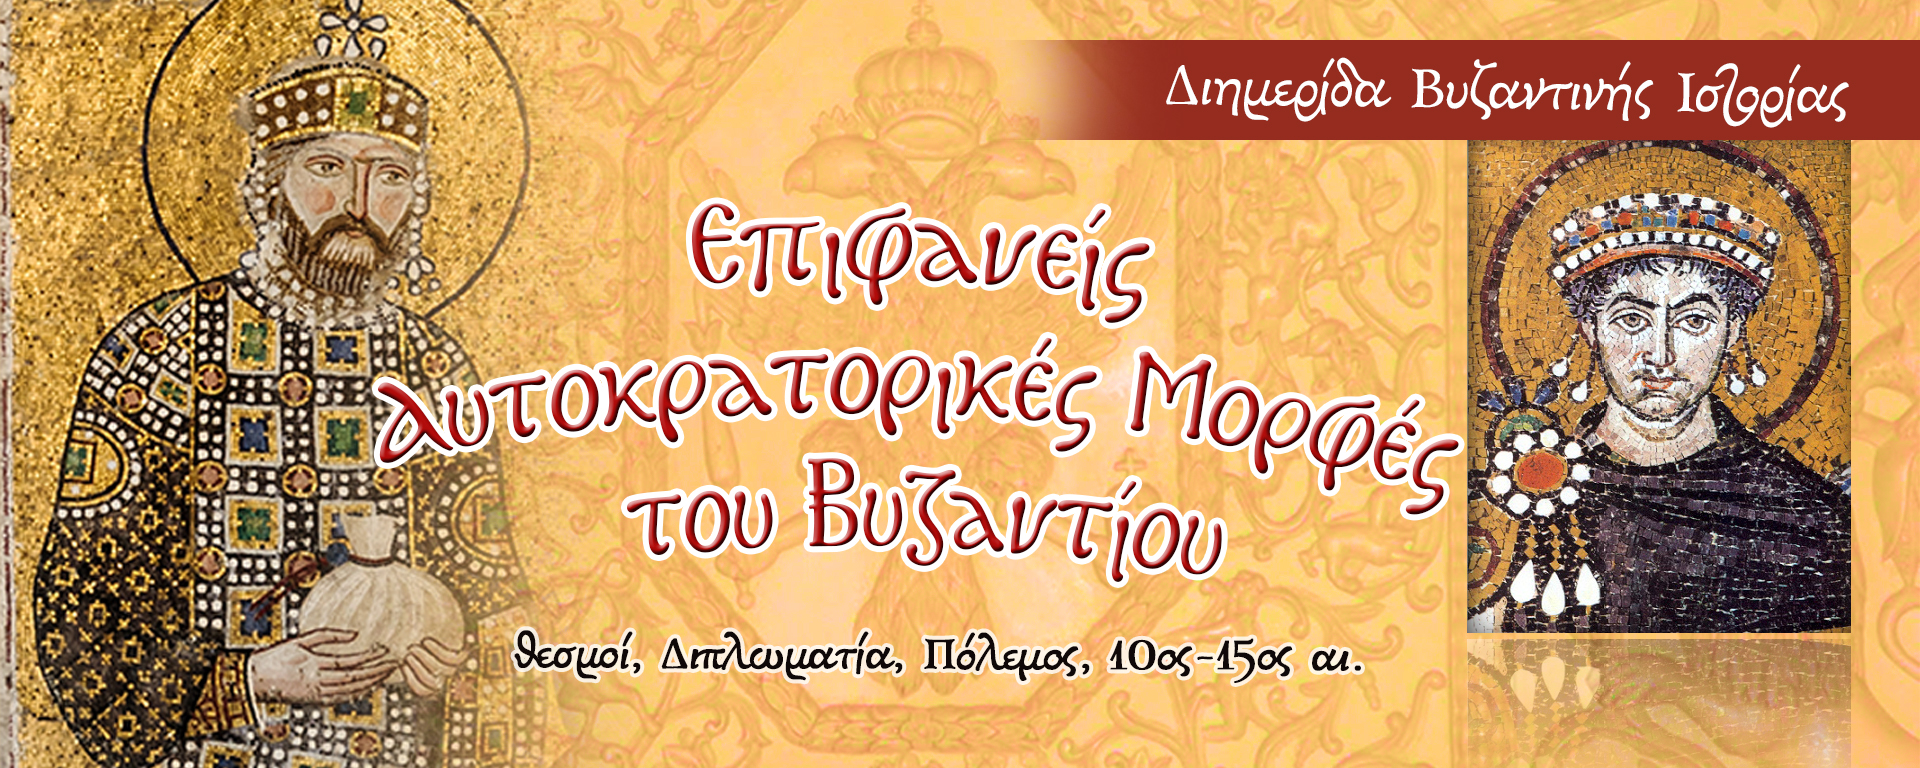 Διημερίδα Βυζαντινής Ιστορίας